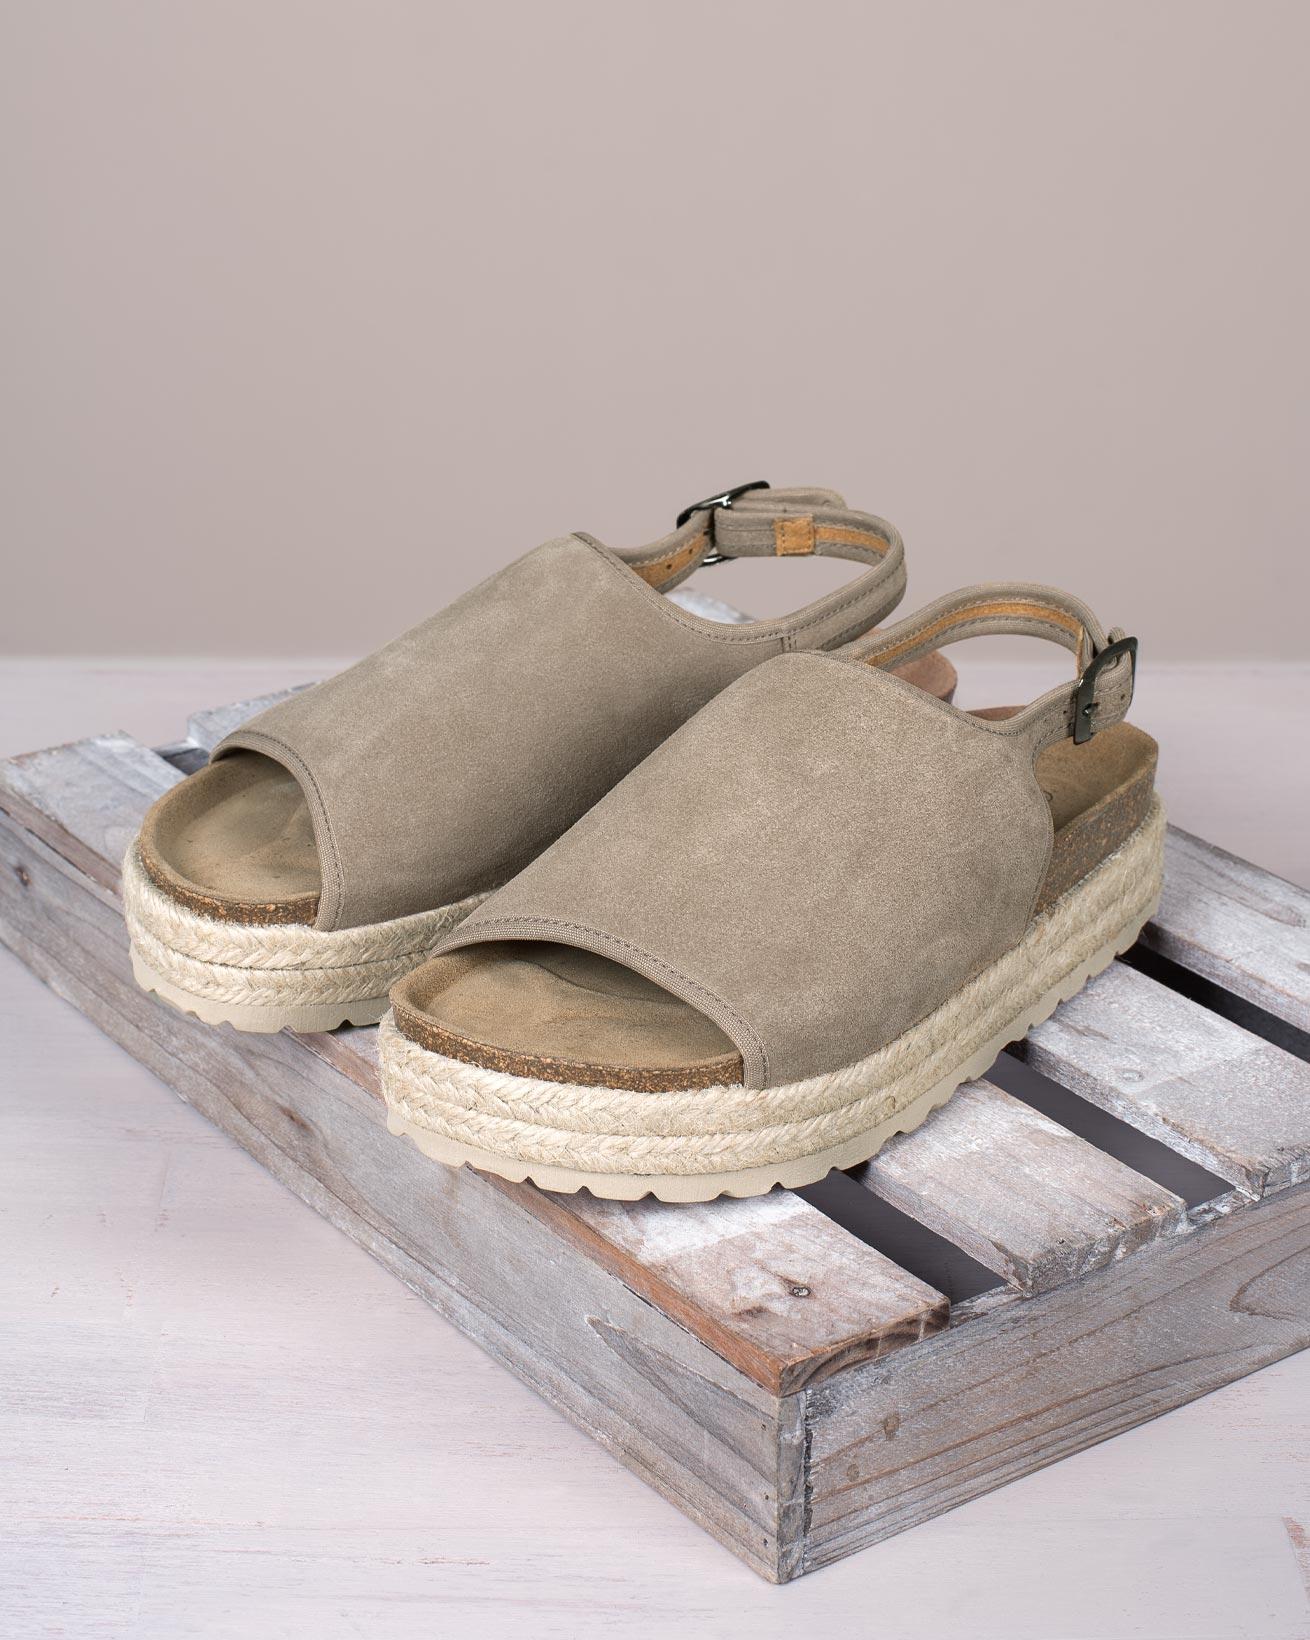 Sling Back Flatform Sandals